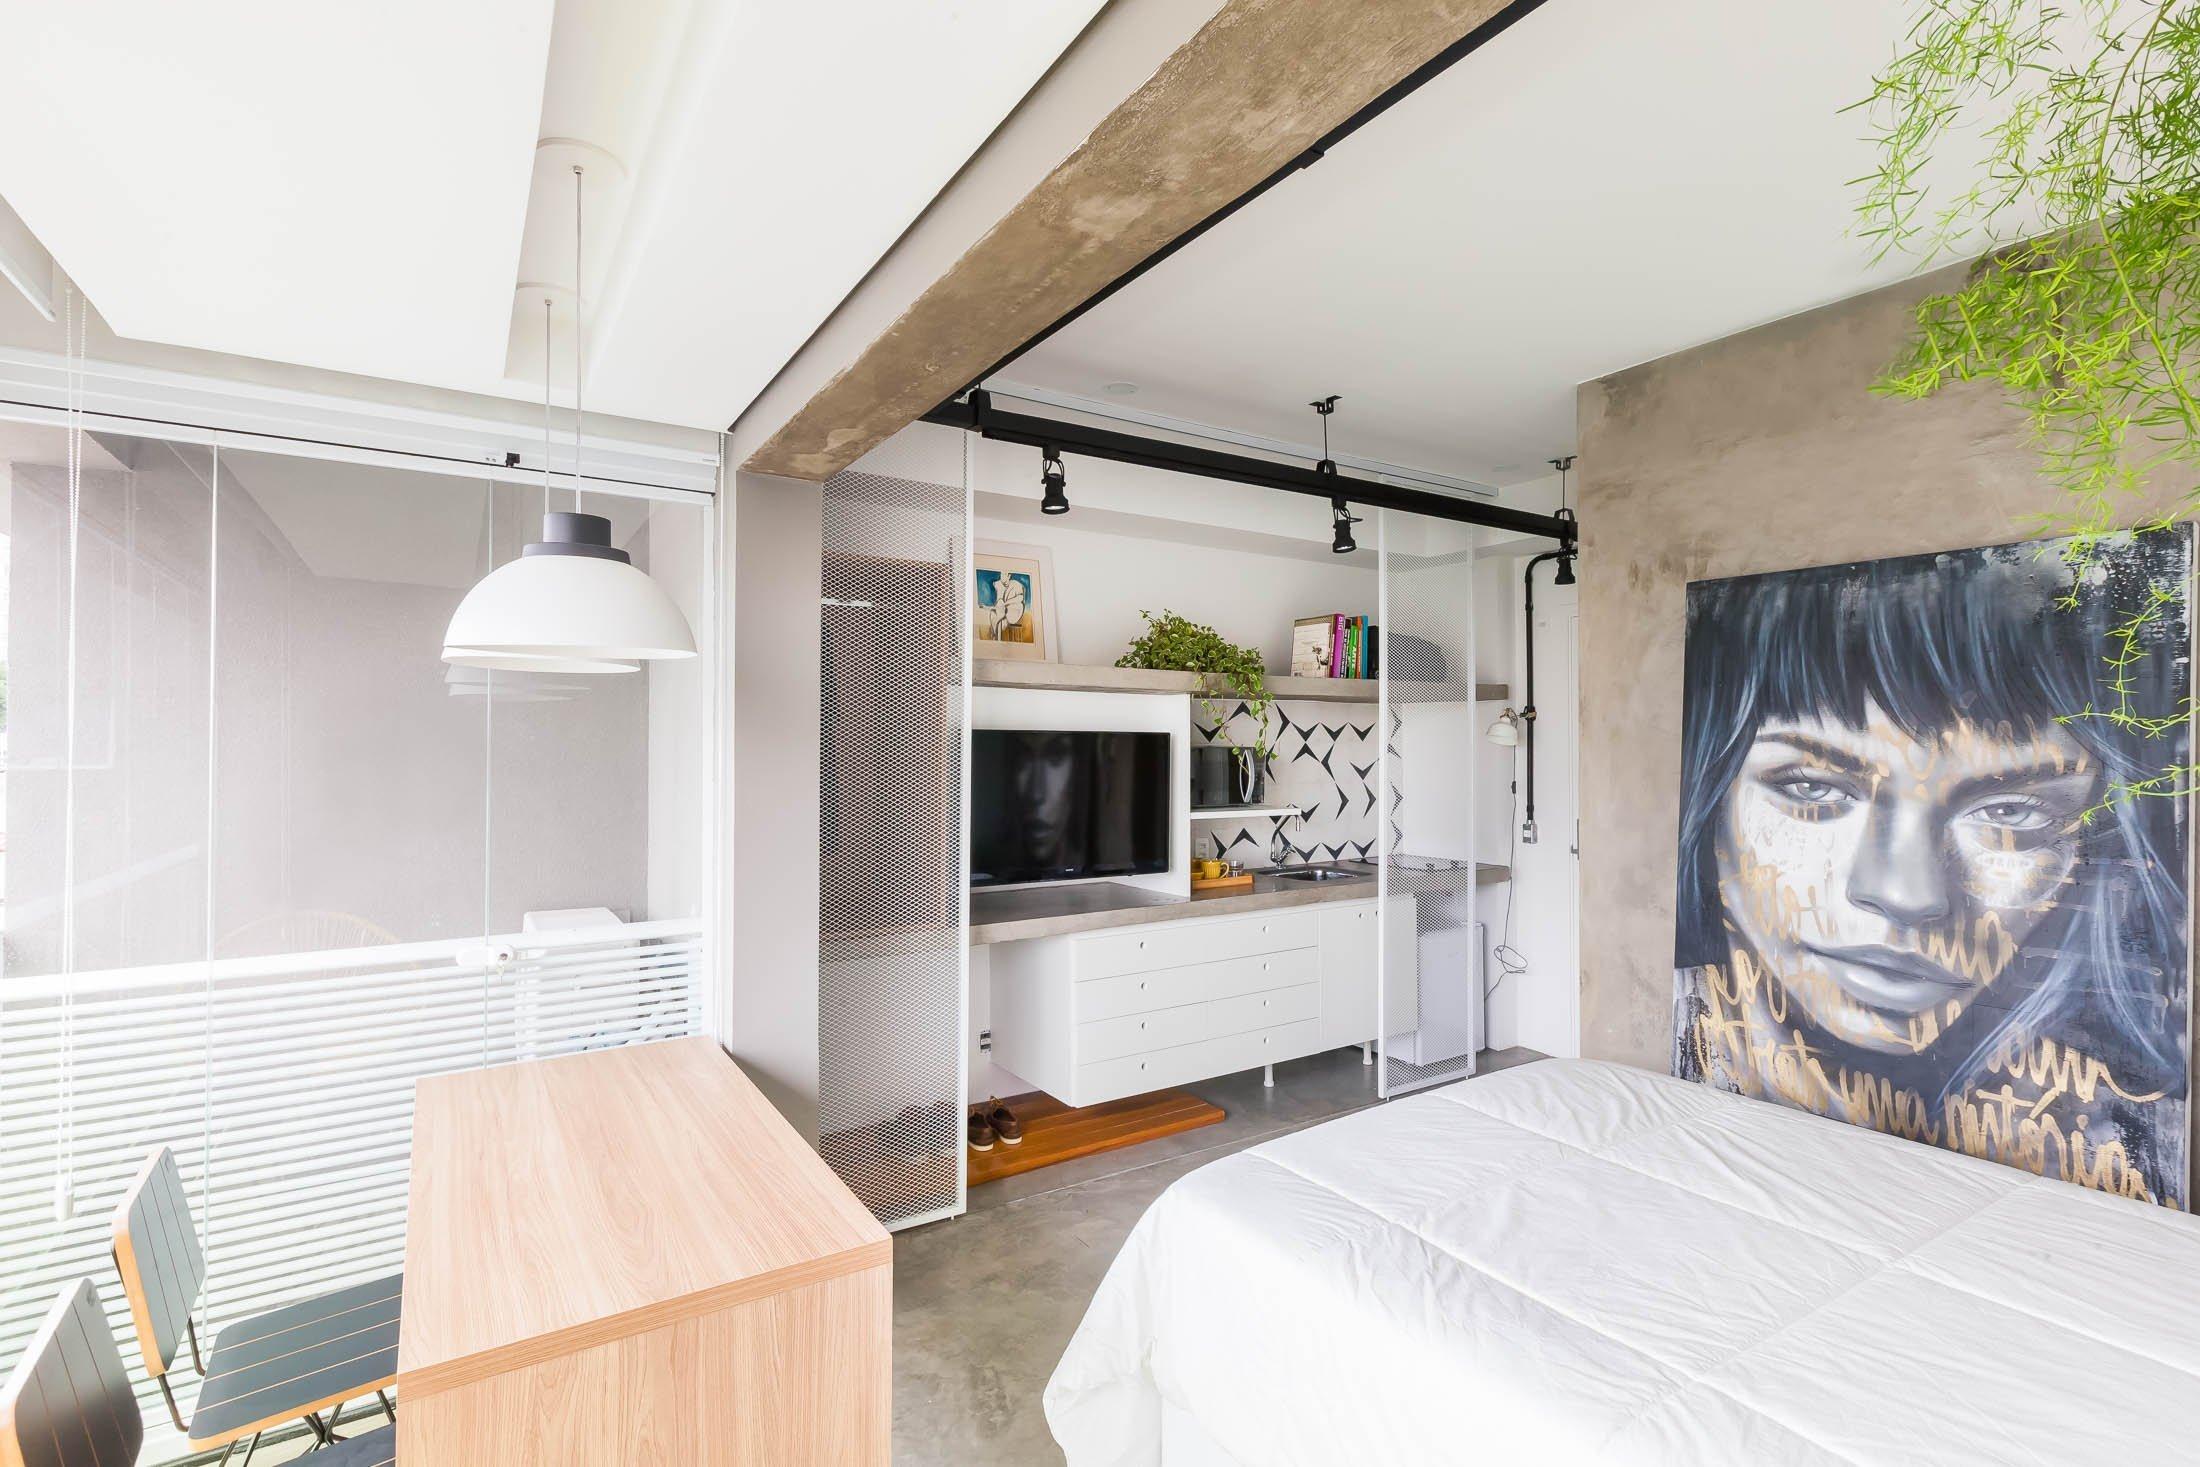 Bydlí jen na 24 metrech čtverečních